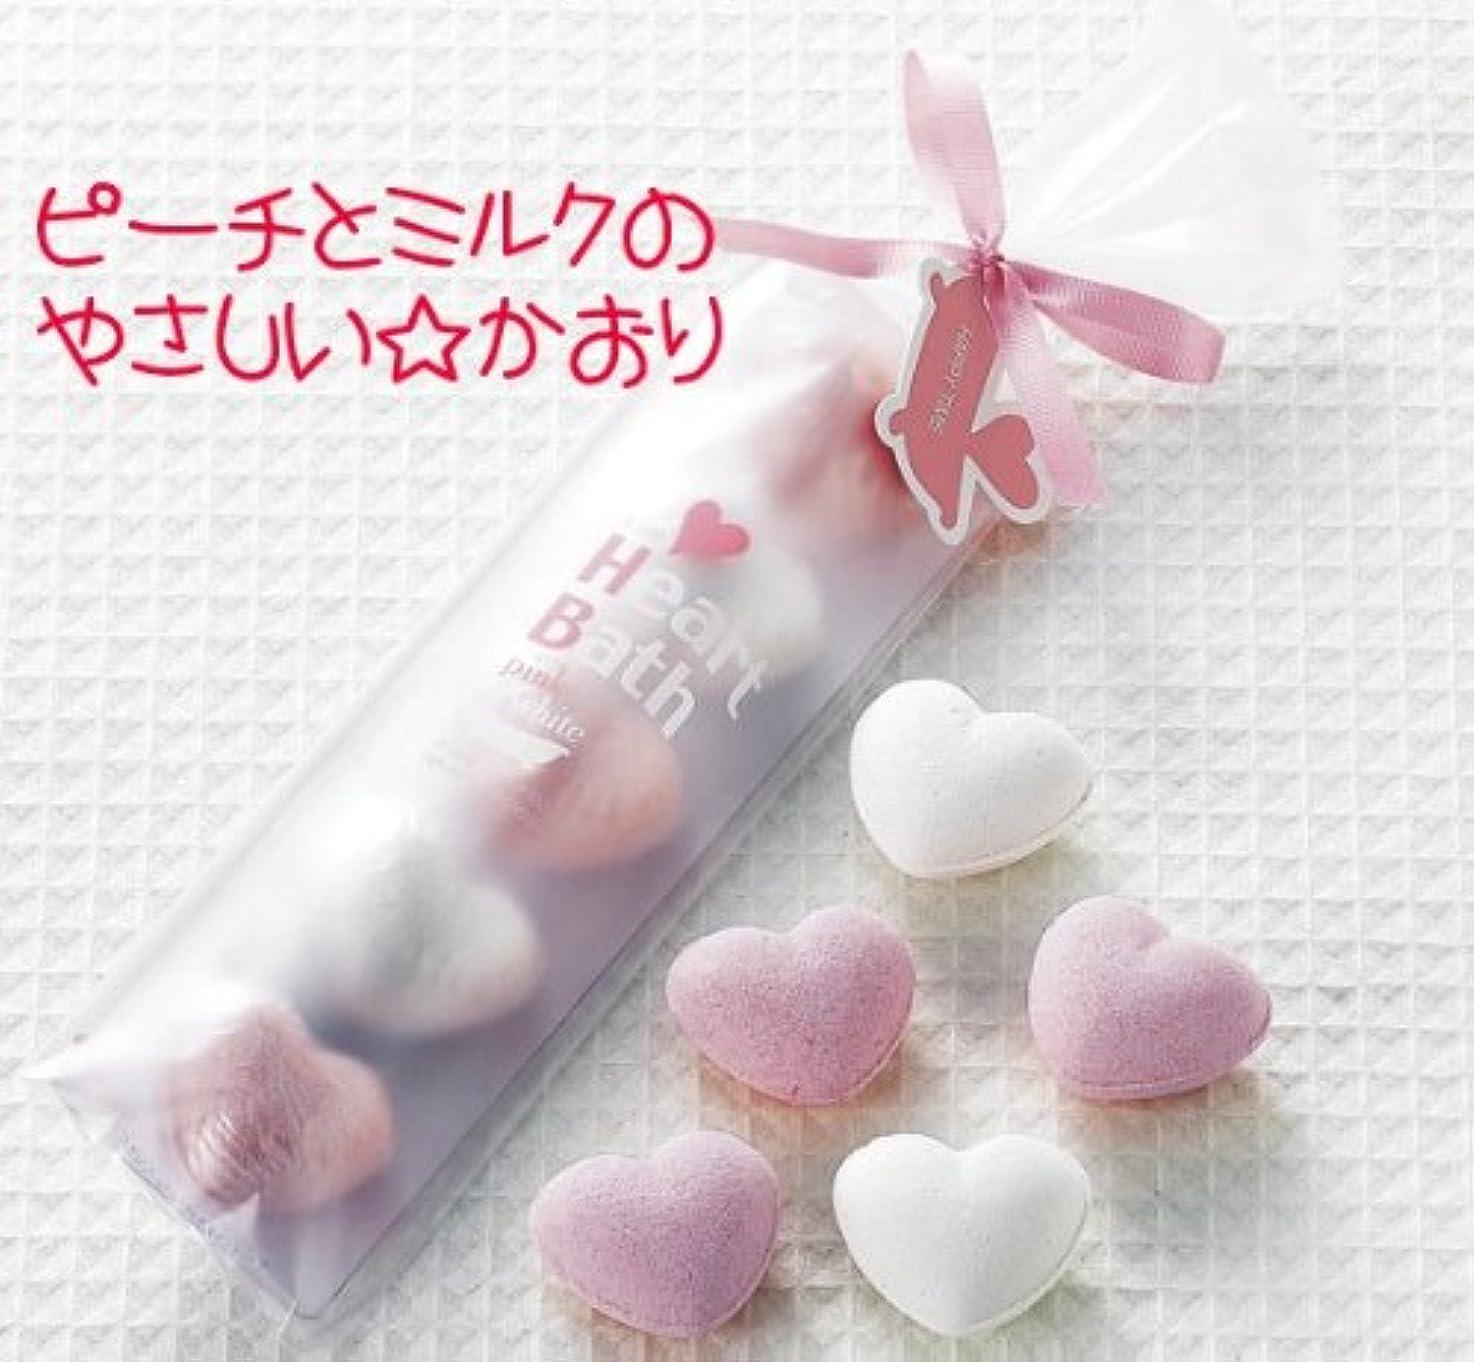 クラッチシリンダー本物のハートの入浴剤 ピーチ&ミルク